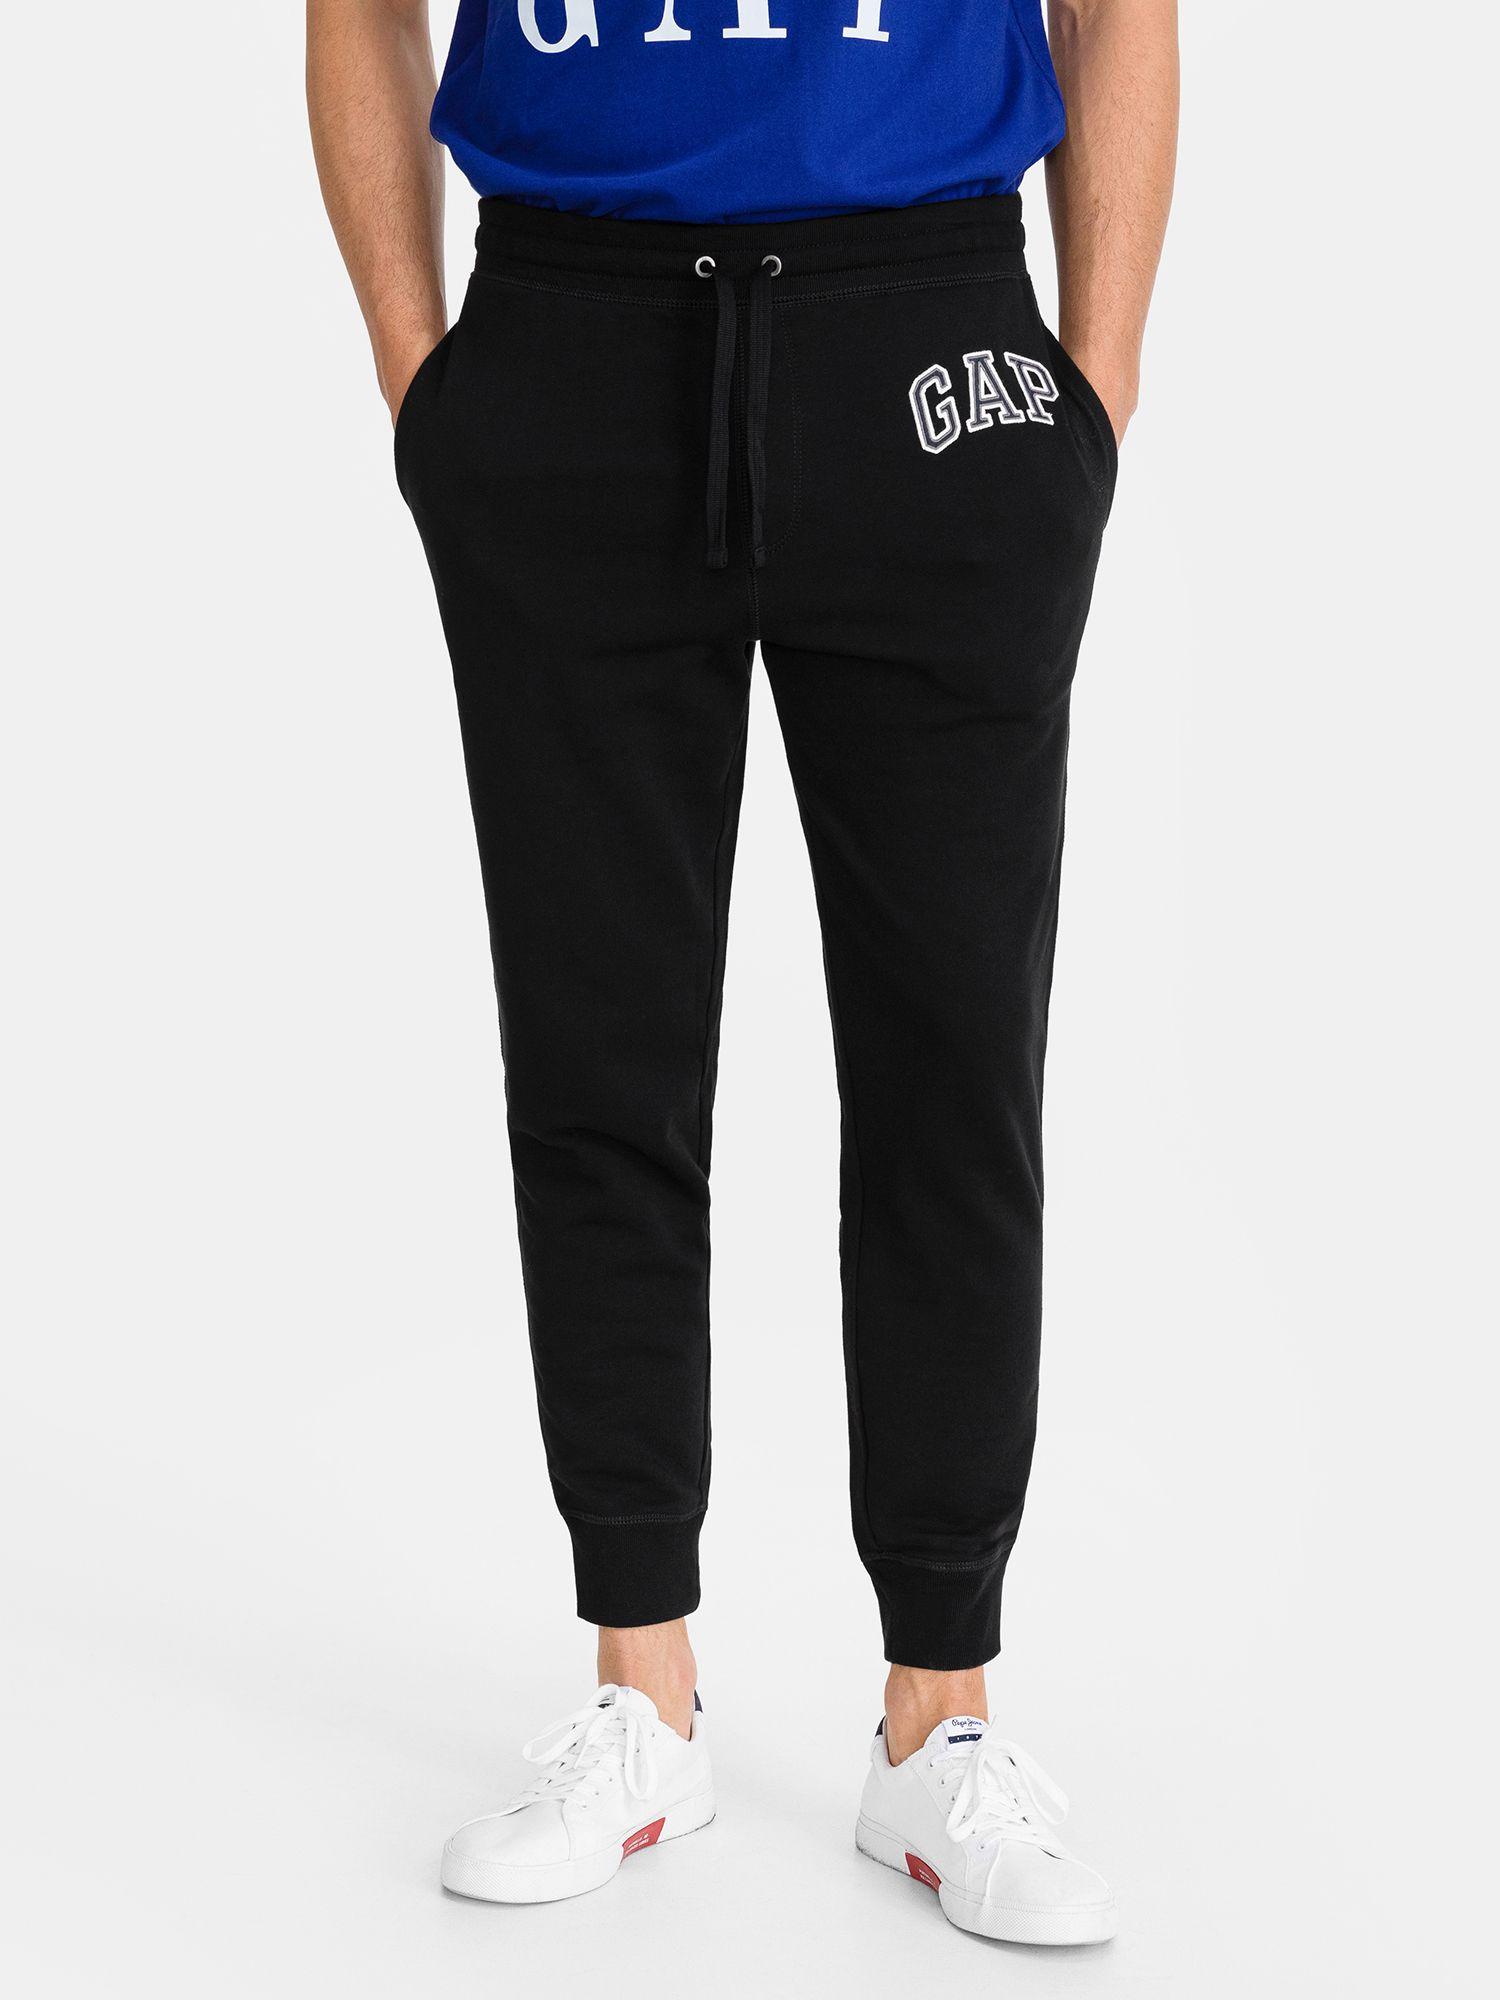 GAP čierne pánske tepláky s logom - XL